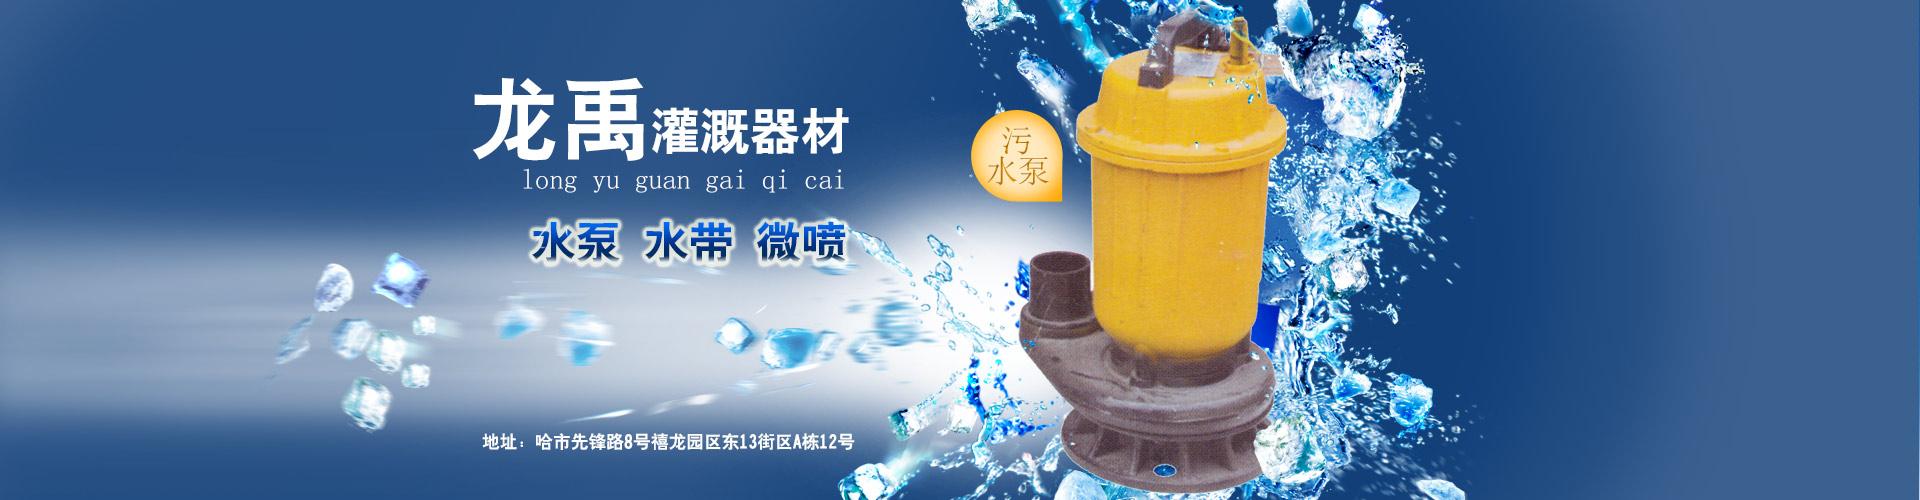 哈尔滨市禧龙综合批发大市场龙禹灌溉器材商店产品宣传第3图